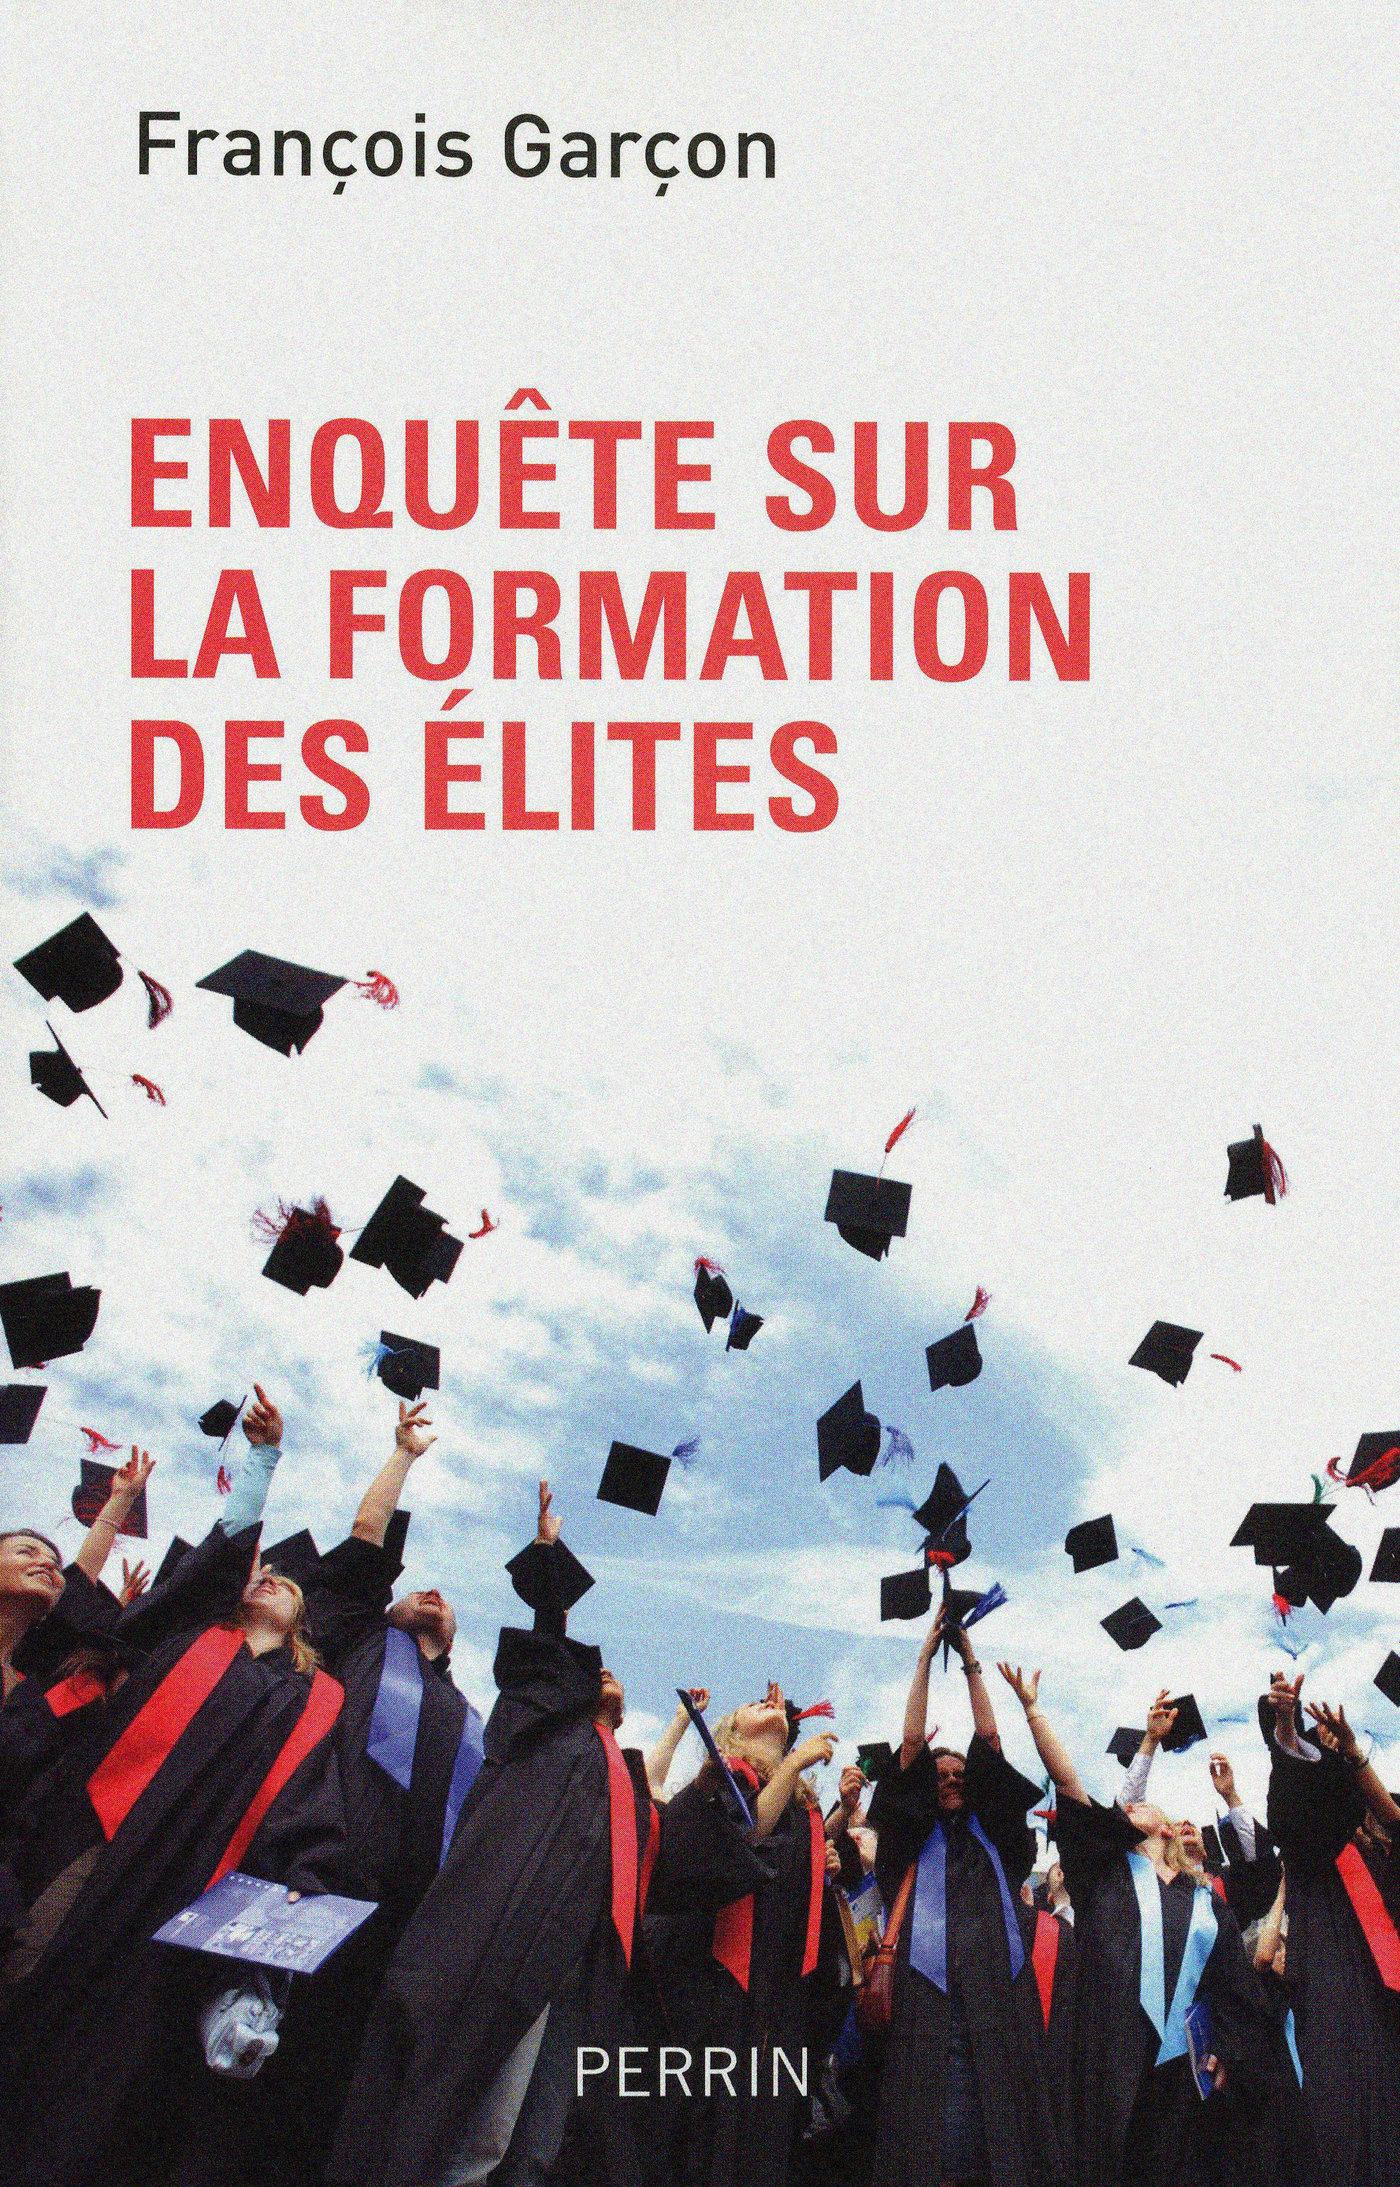 Enquete sur la formation des élites (ebook)